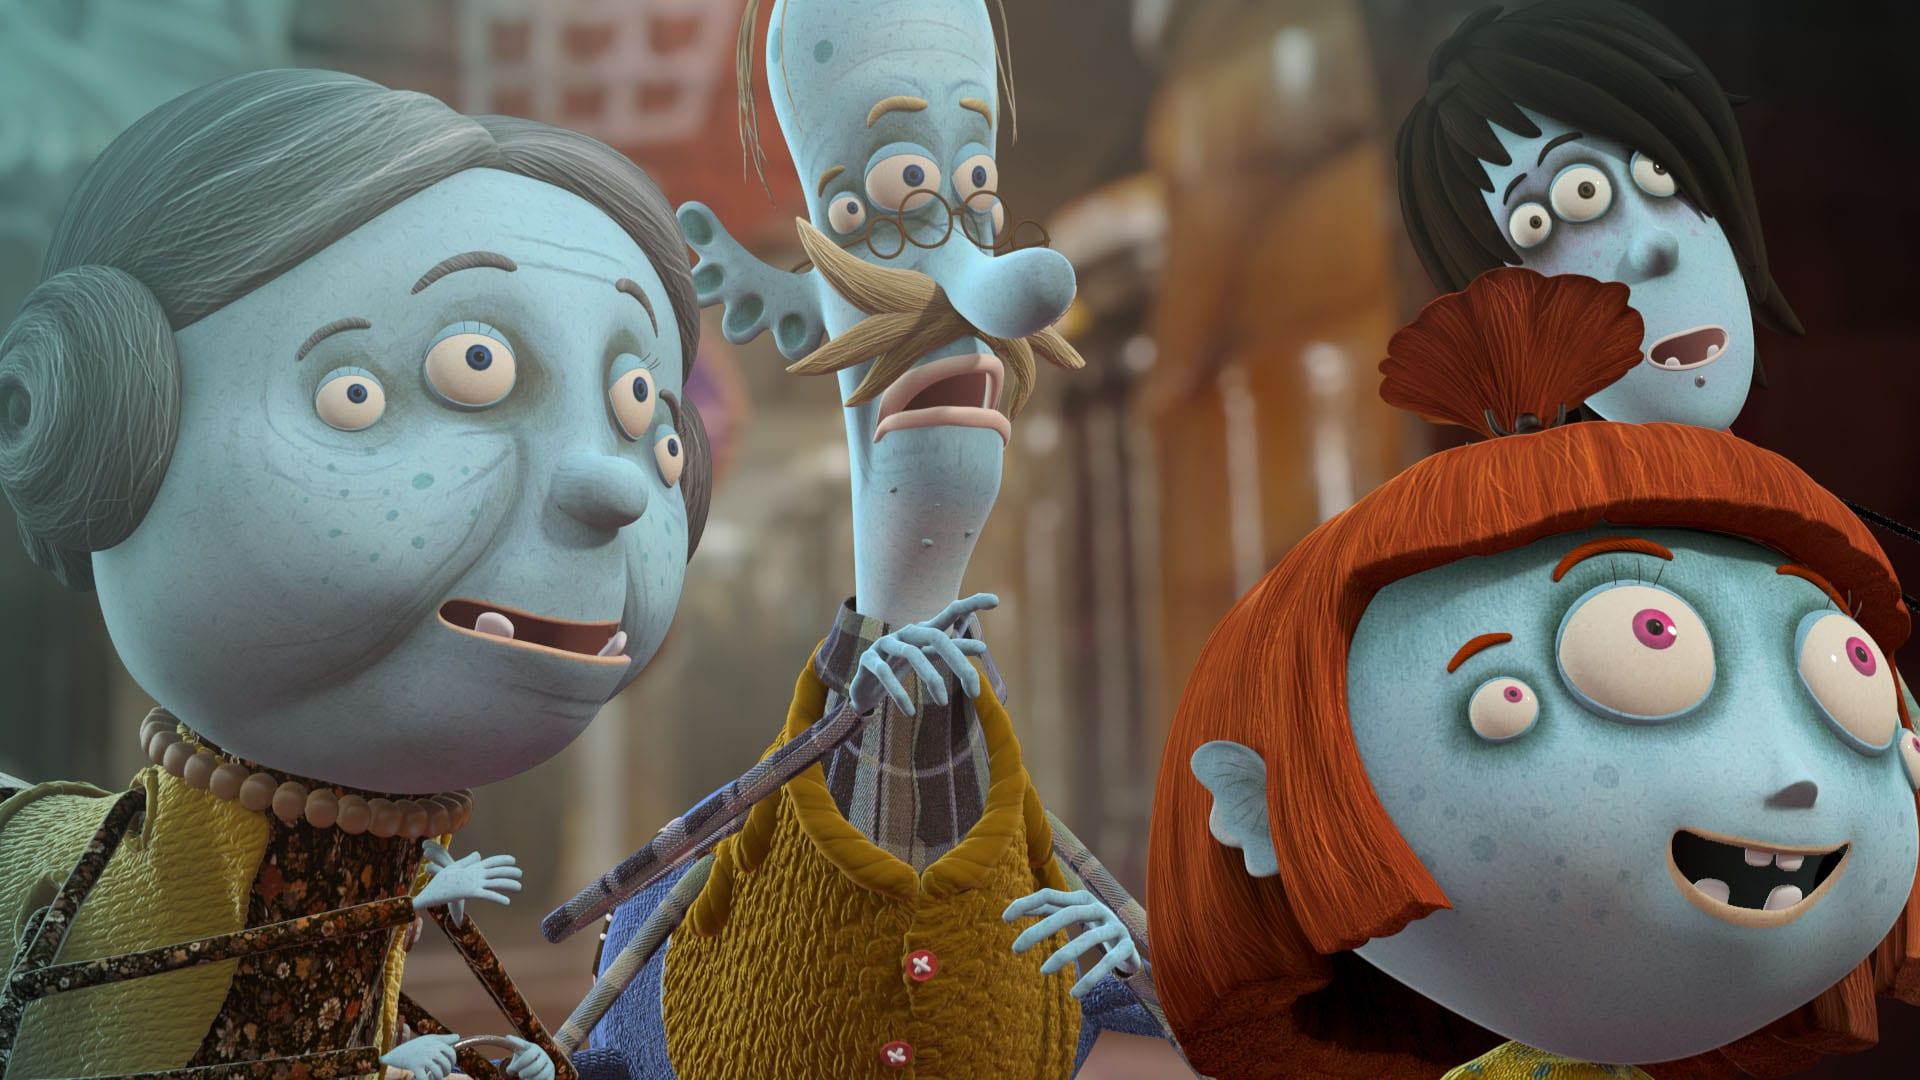 Websterovci serial 01 - RTVS počas Vianoc uvedie prvý slovenský 3D animovaný seriál Websterovci